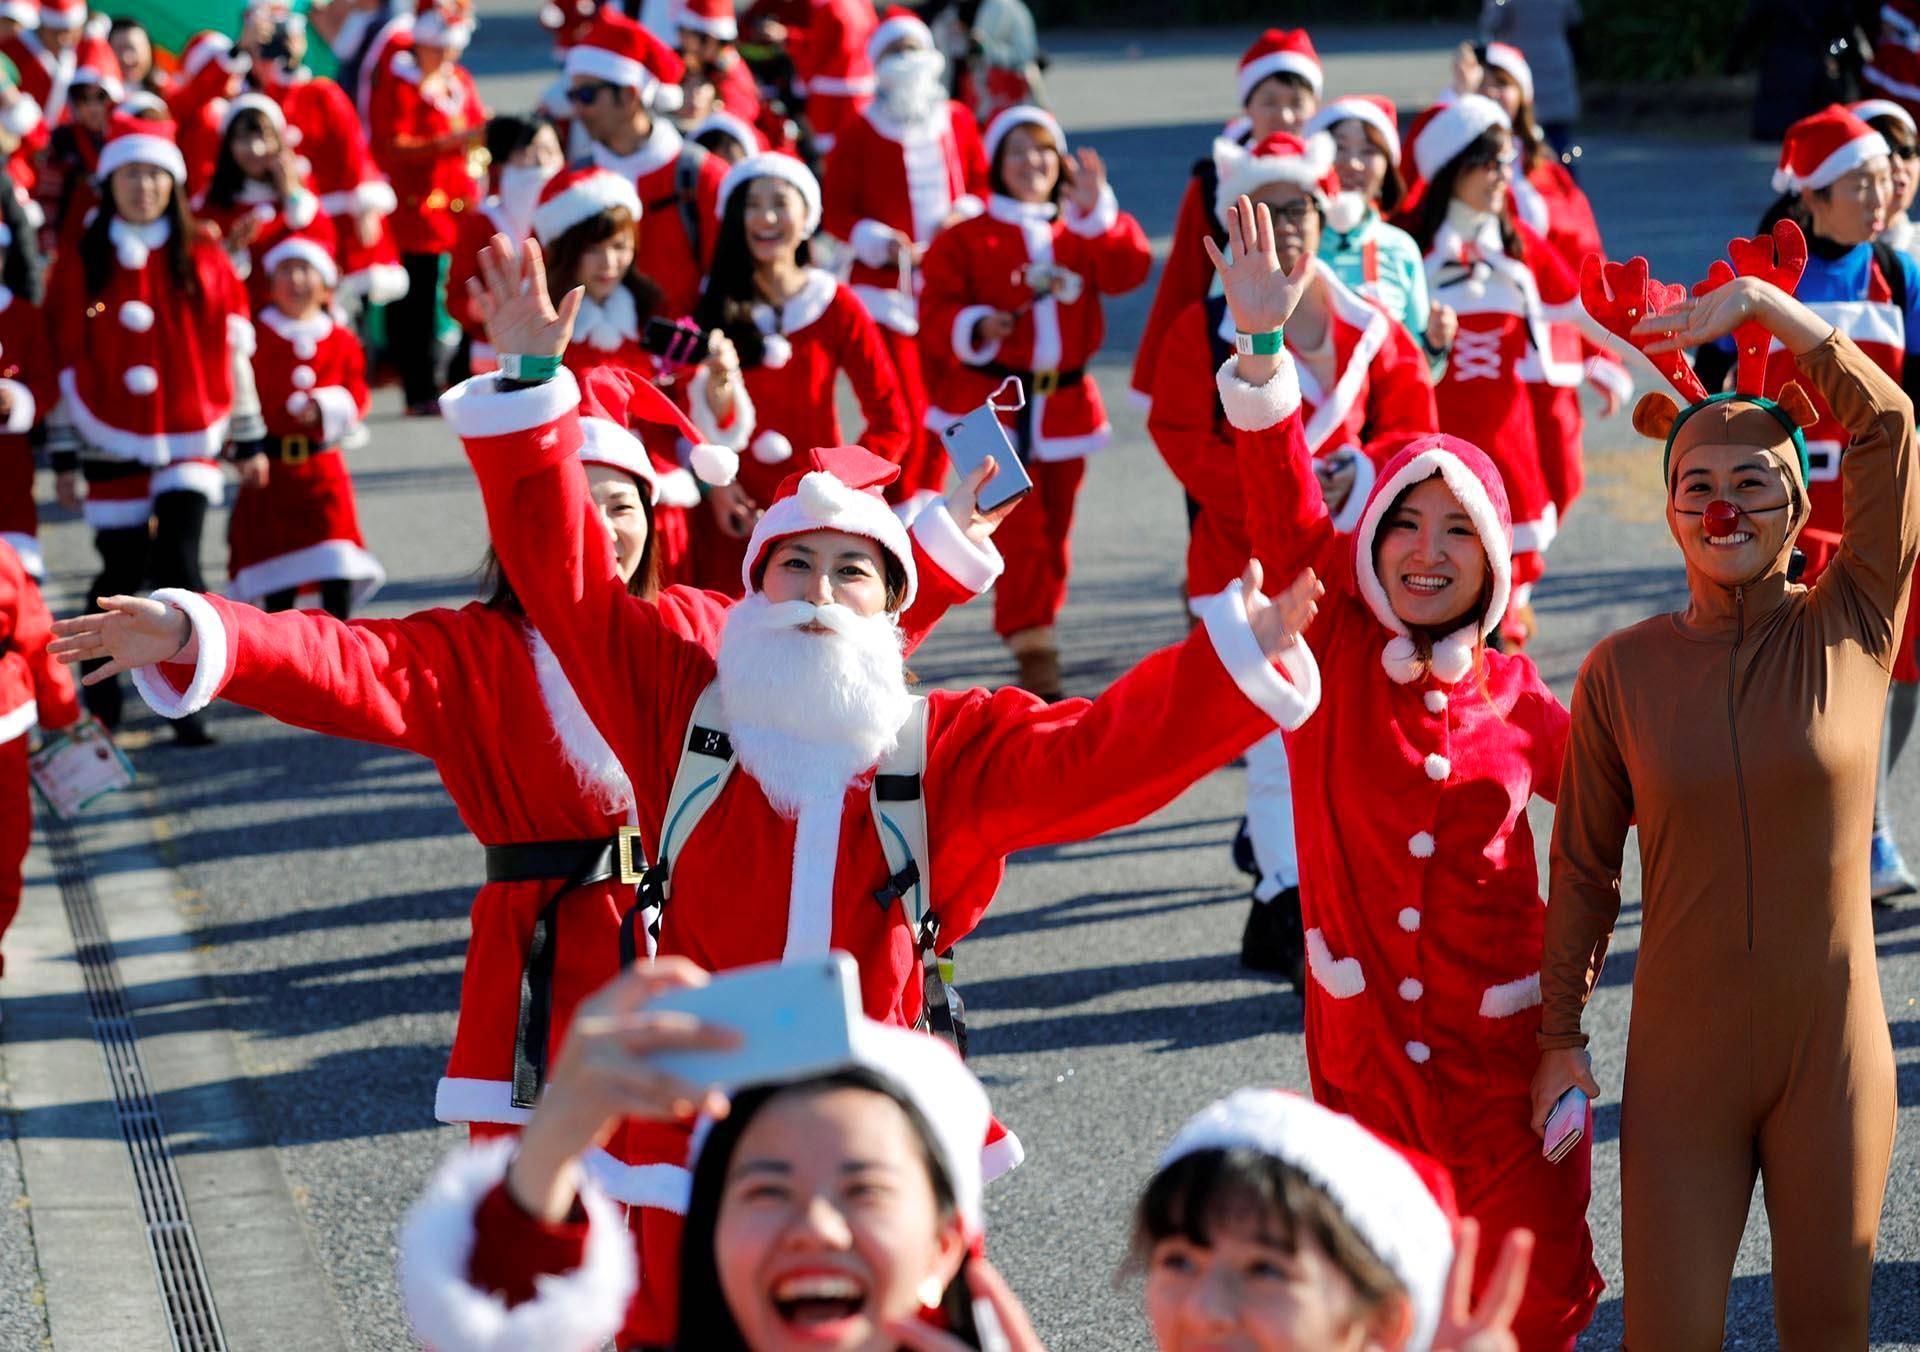 Tokion joulupukkijuoksun osallistujat vilkuttivat kameralle.